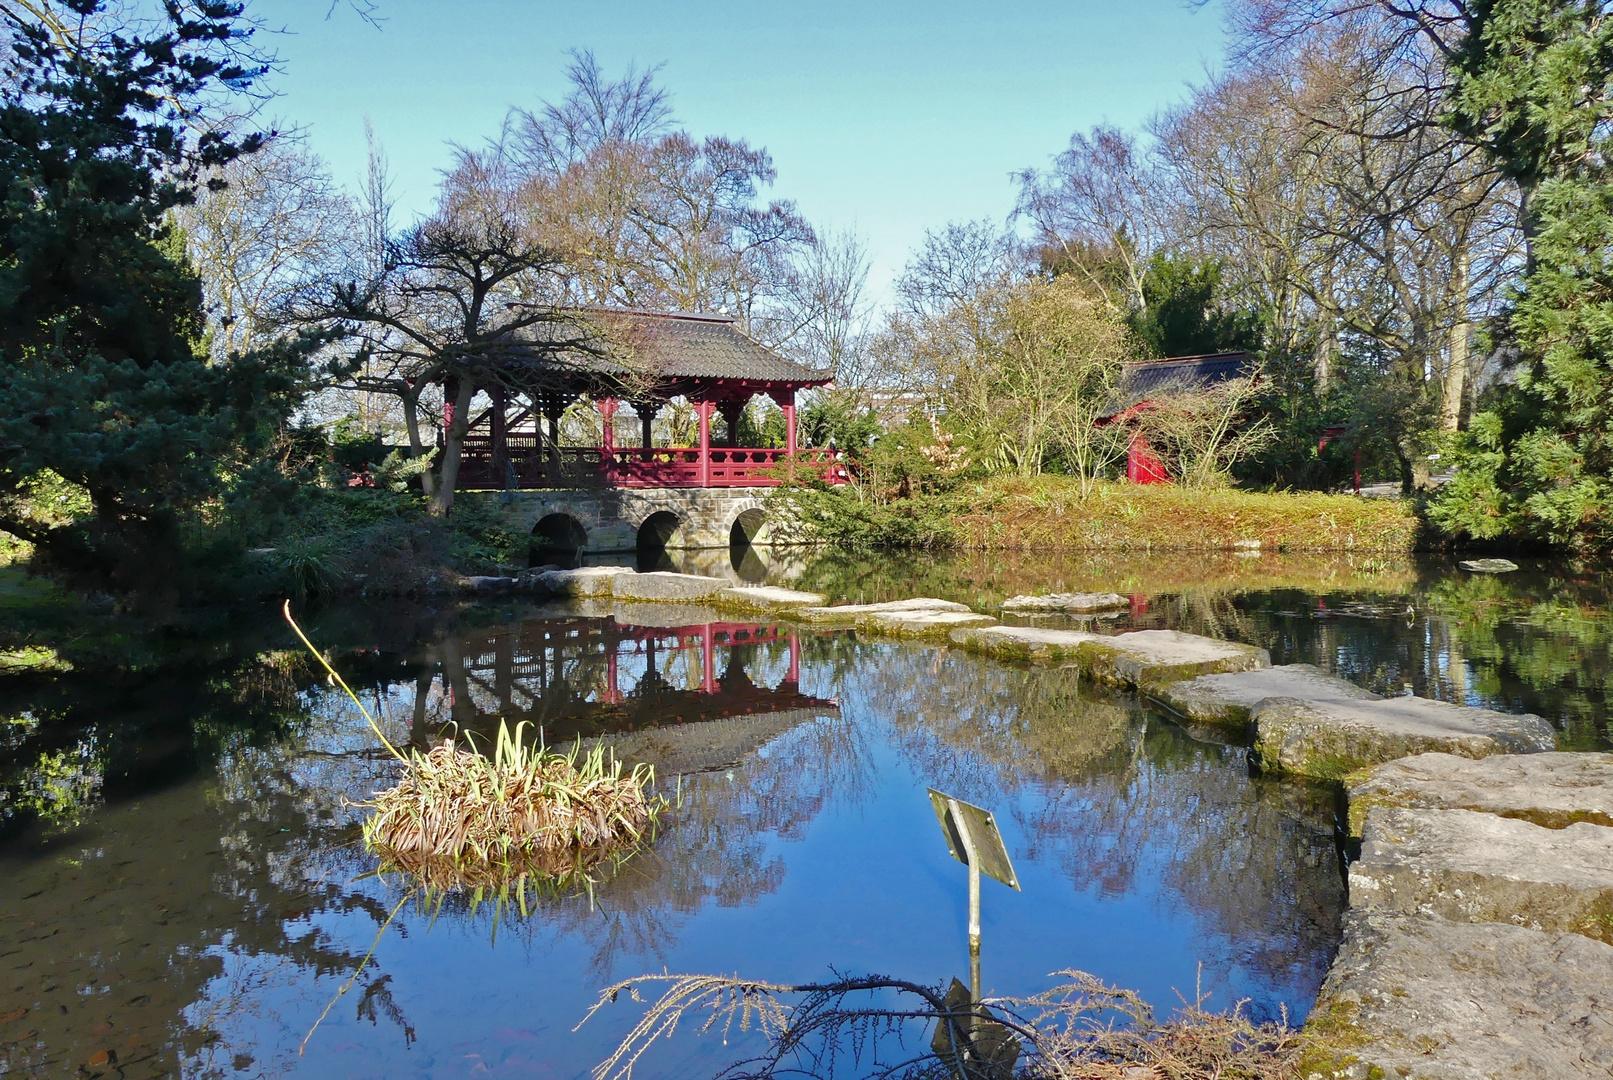 Leverkusen Heute Morgen Im Japanischen Garten Foto Bild World